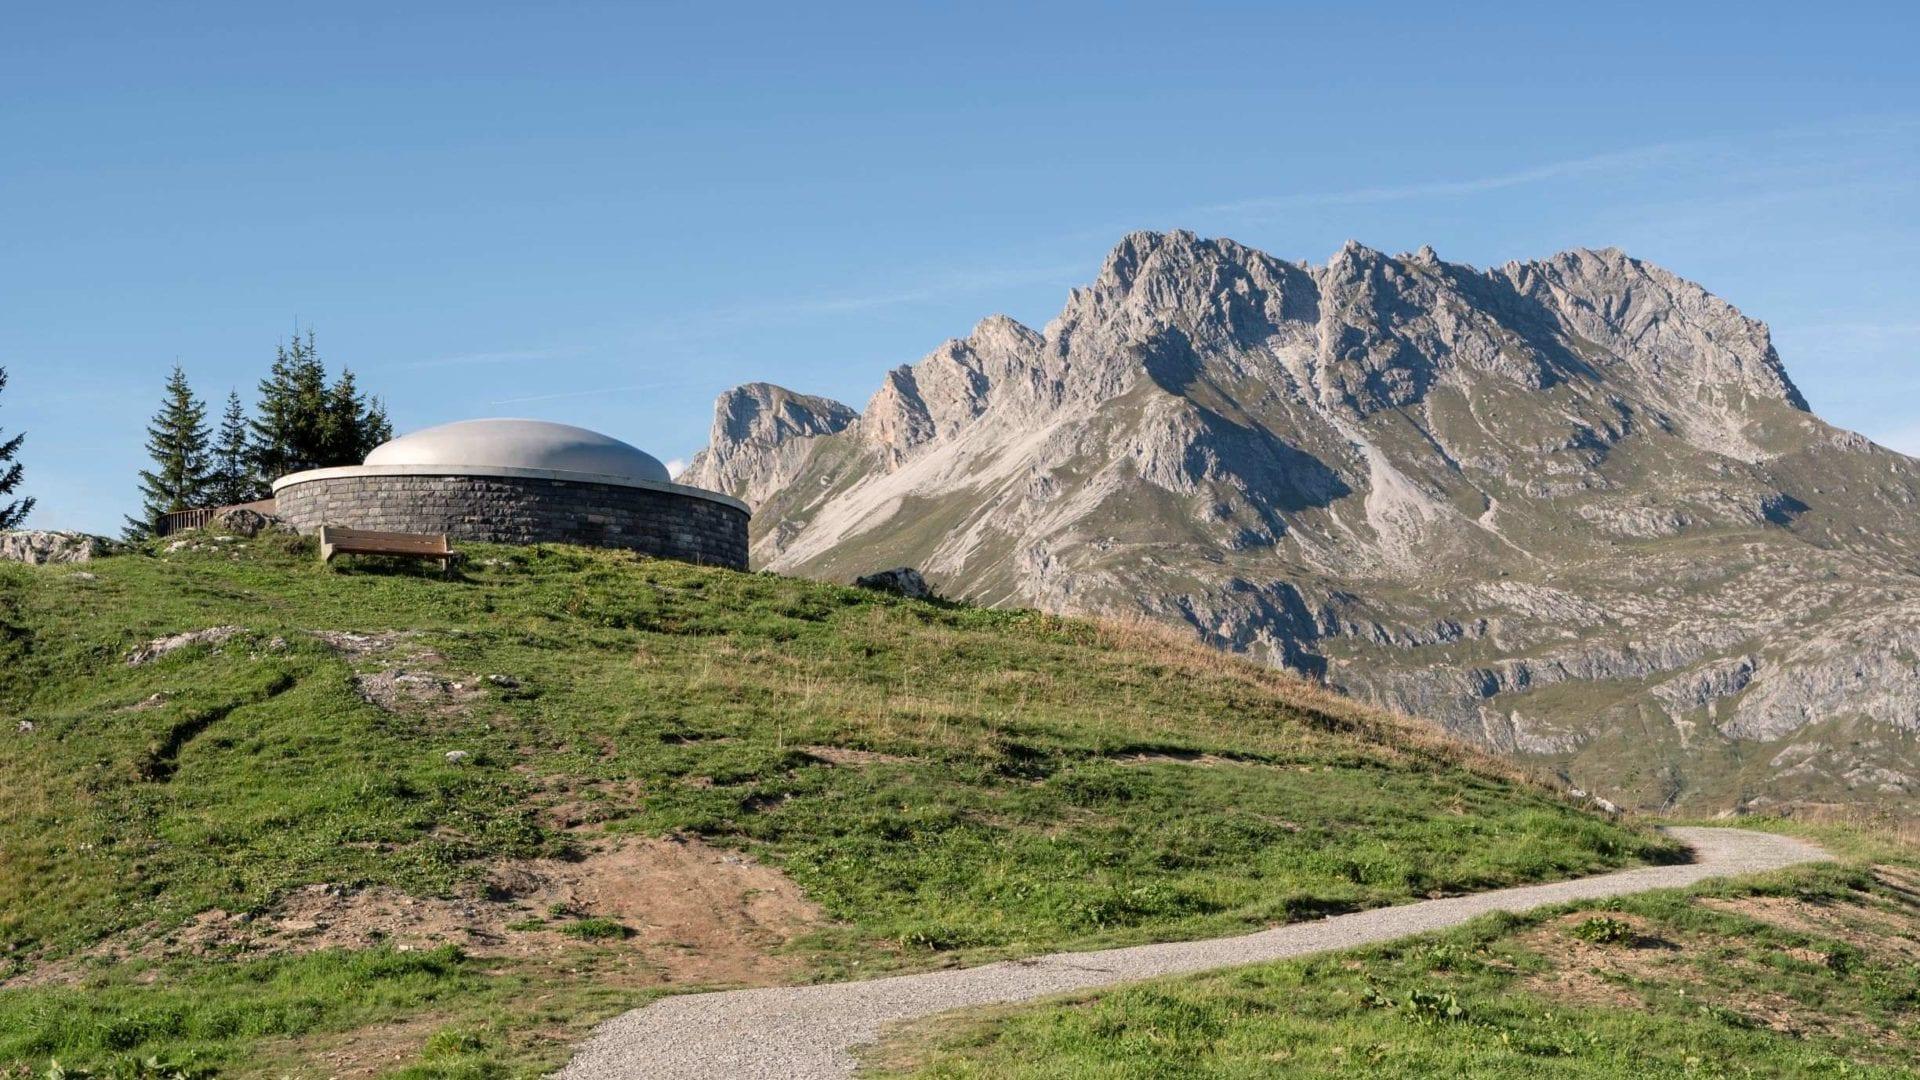 Skyspace Lech, James Turrell, Tannegg, Oberlech, Arlberg (c) Florian Holzherr